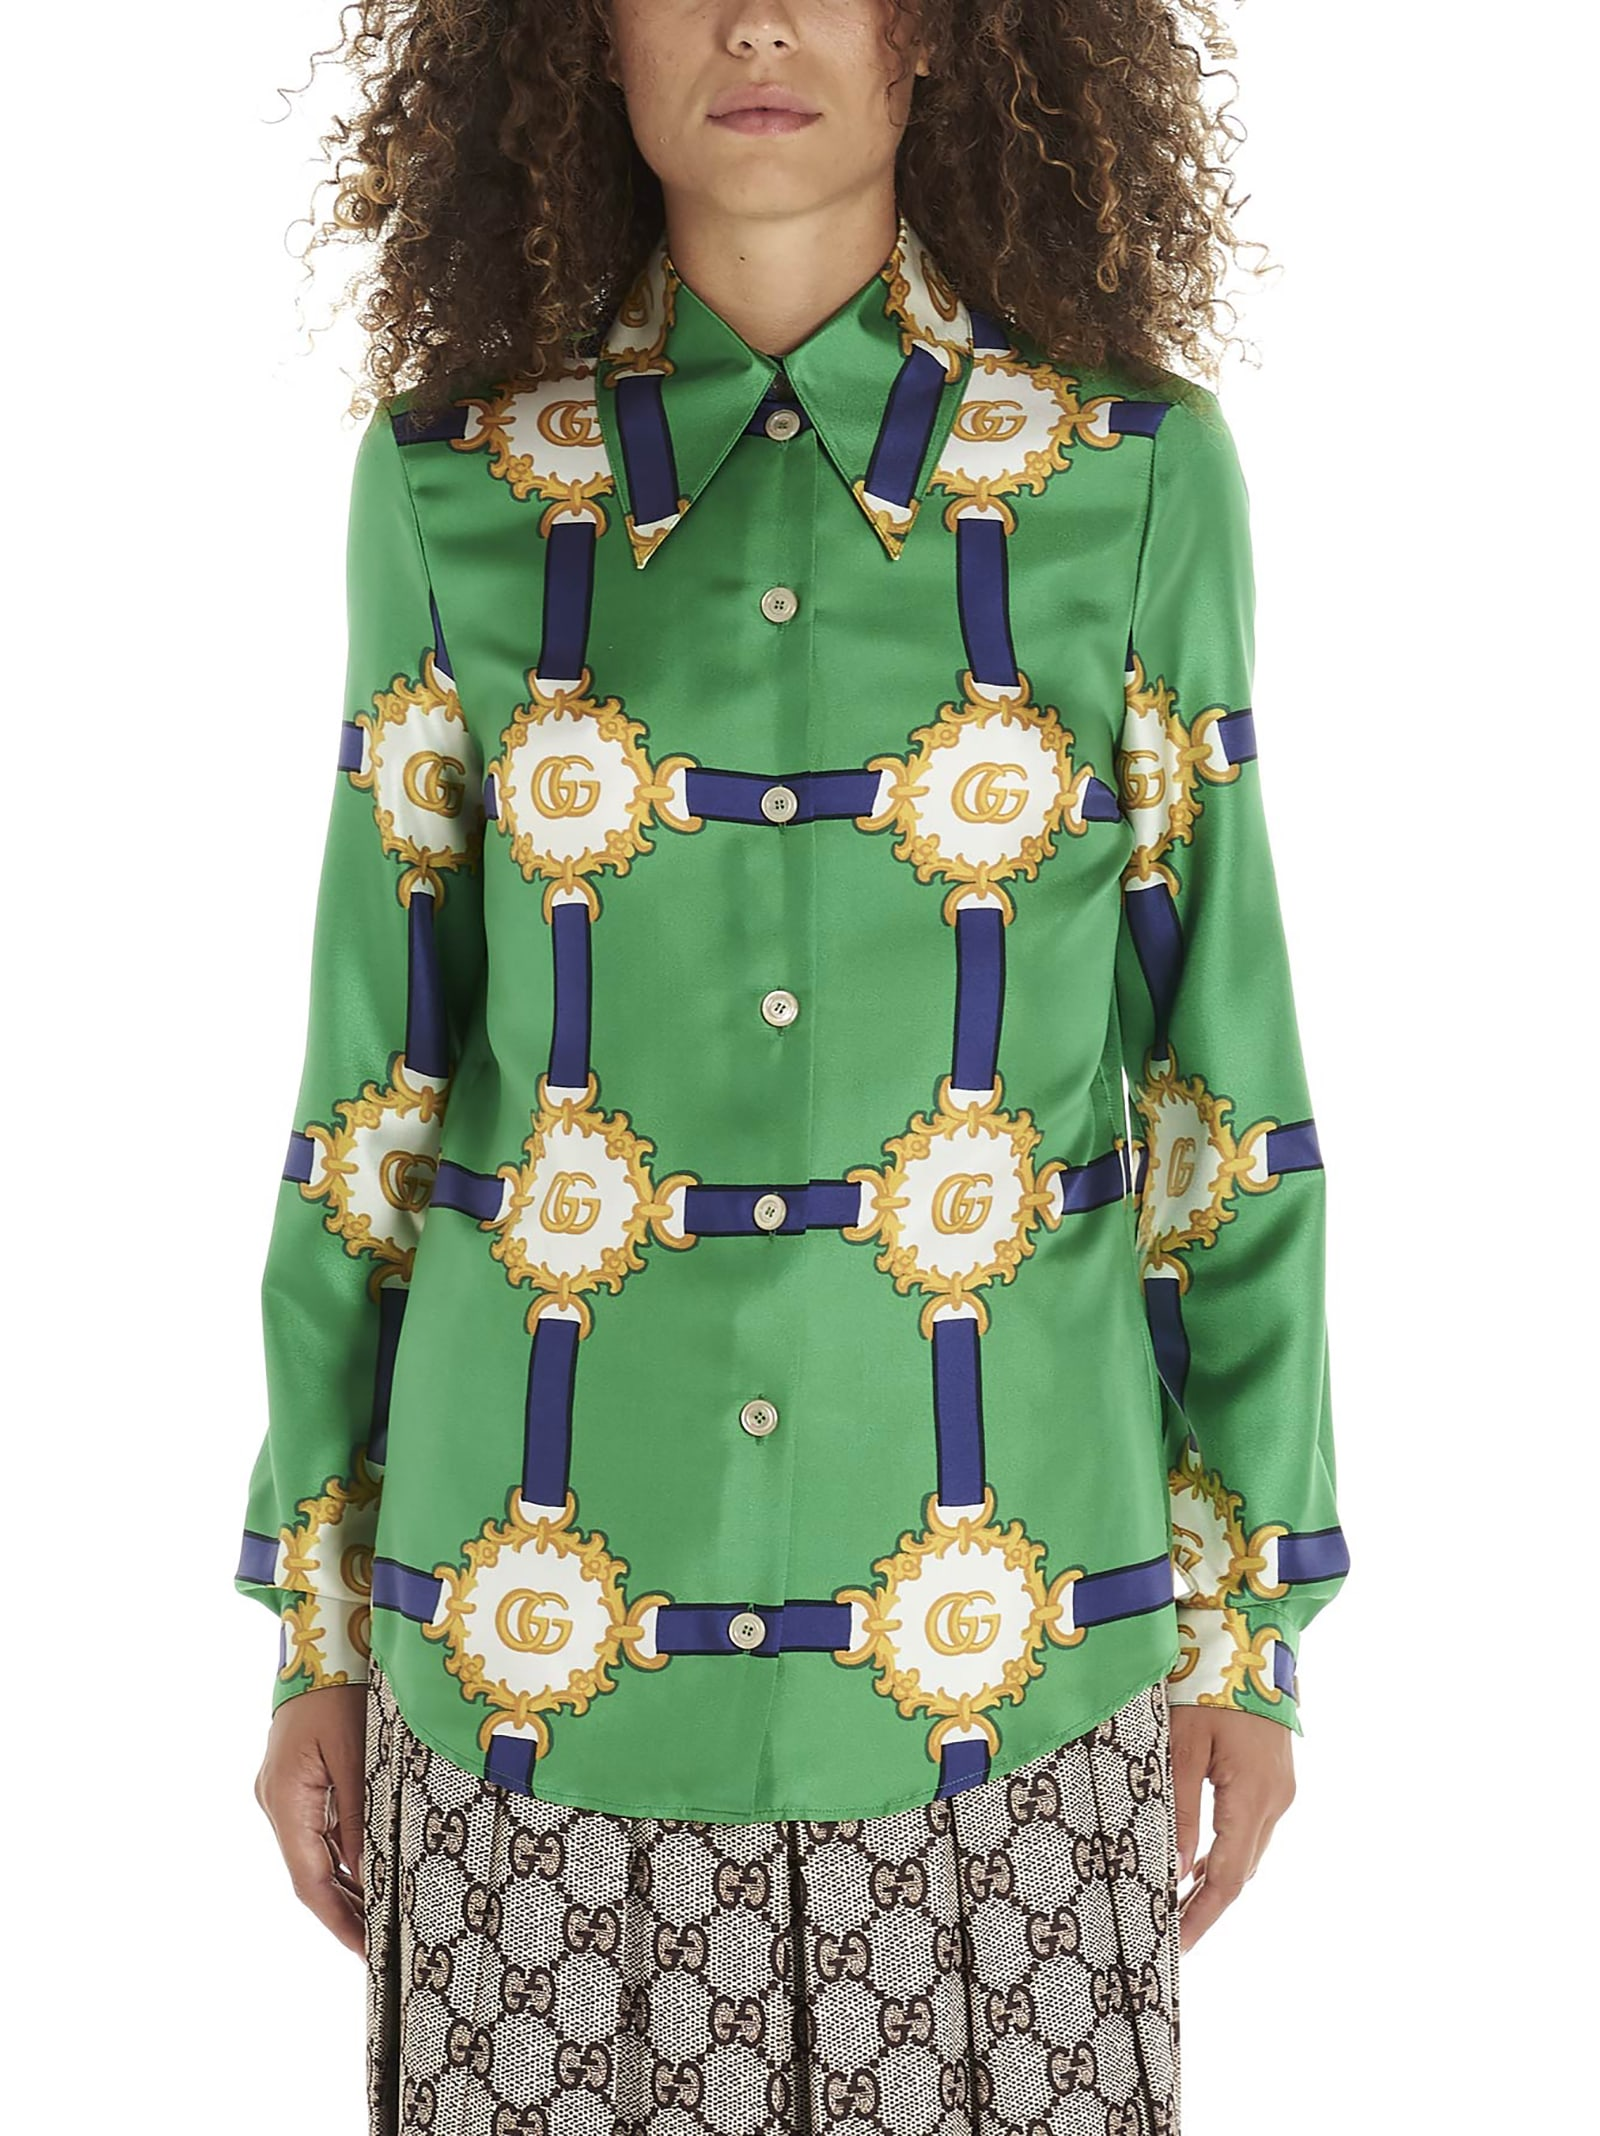 Gucci gg Doubloon Shirt